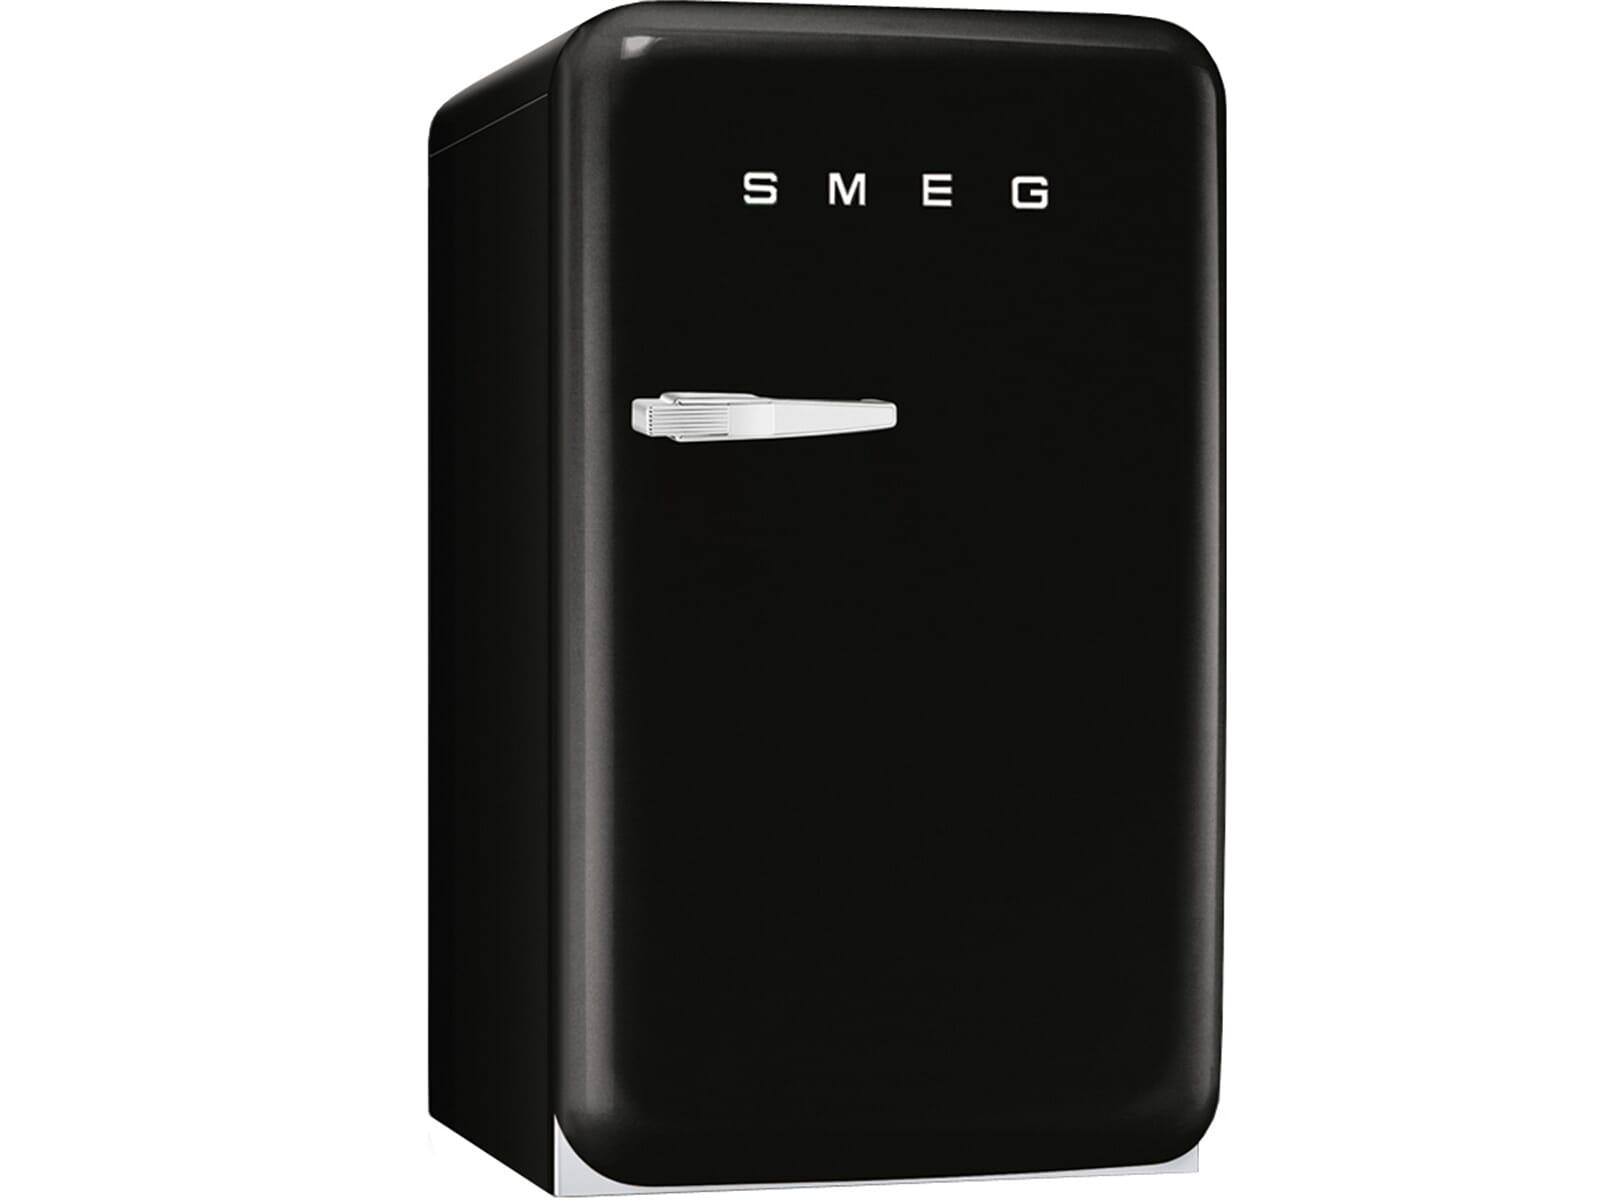 smeg fab10hrne stand flaschenk hlschrank schwarz f r 849 00 eur. Black Bedroom Furniture Sets. Home Design Ideas